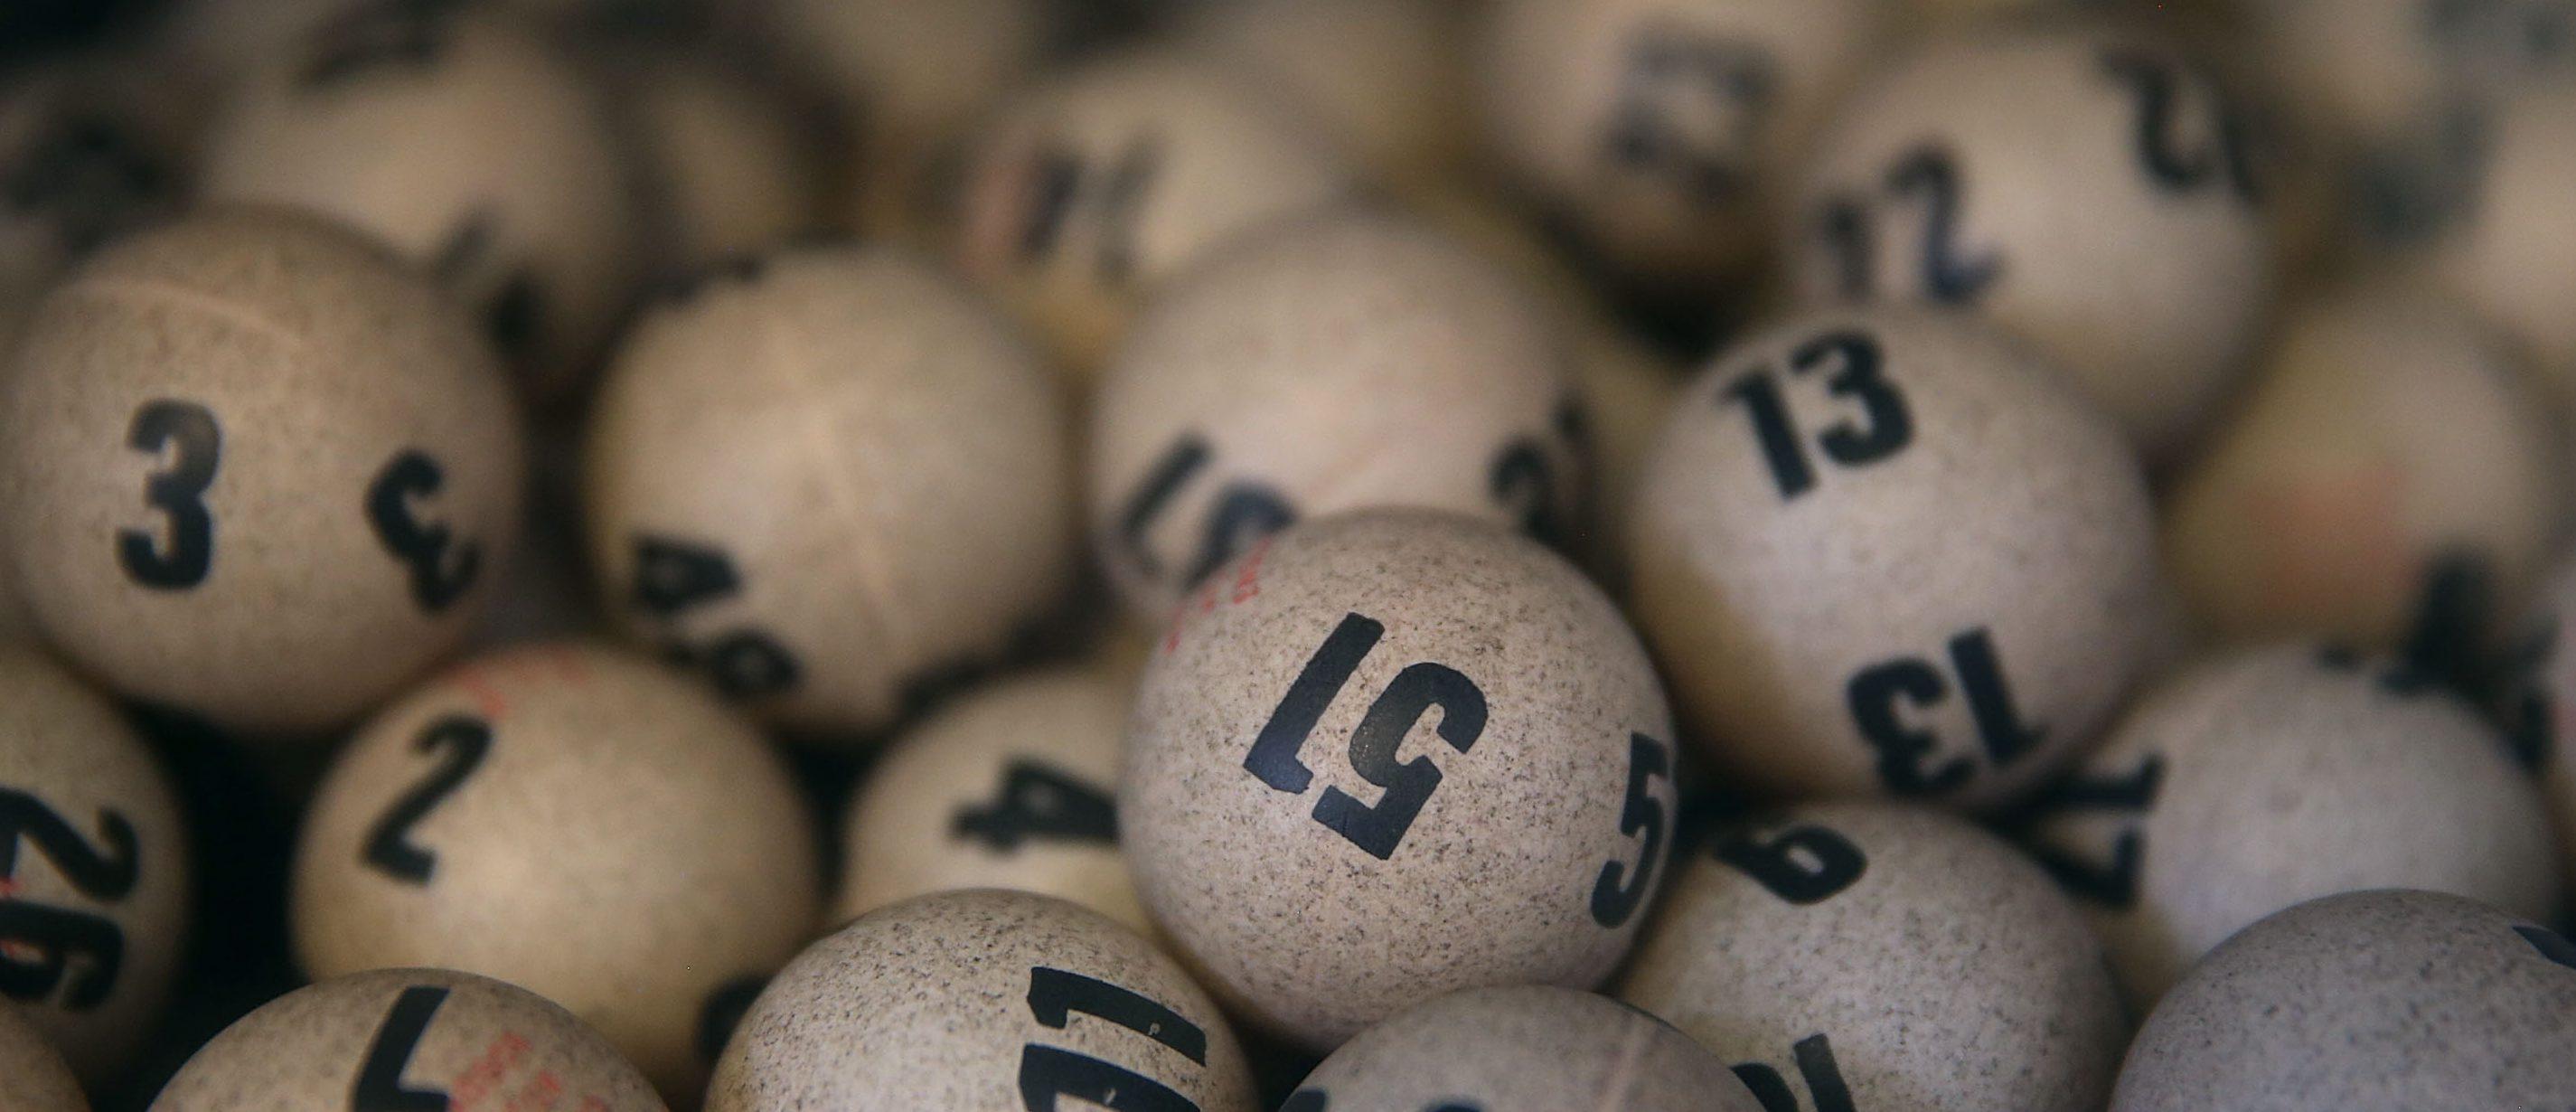 Los números ganadores de la lotería nacional. (Getty)